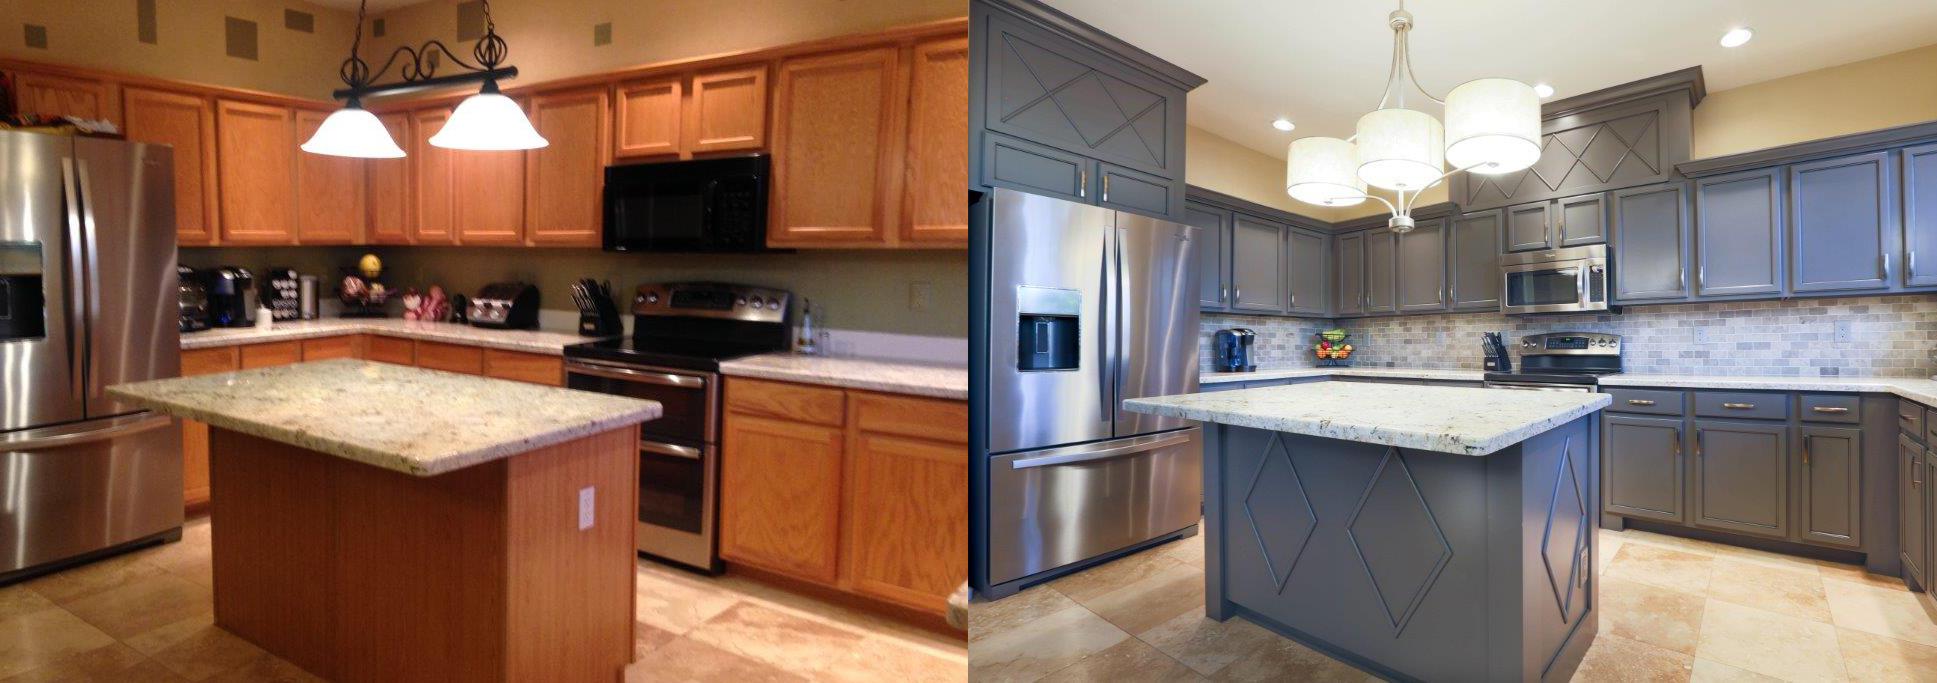 spraying kitchen cabinets hinges cabinet refinishing phoenix az & tempe arizona | kitchens ...